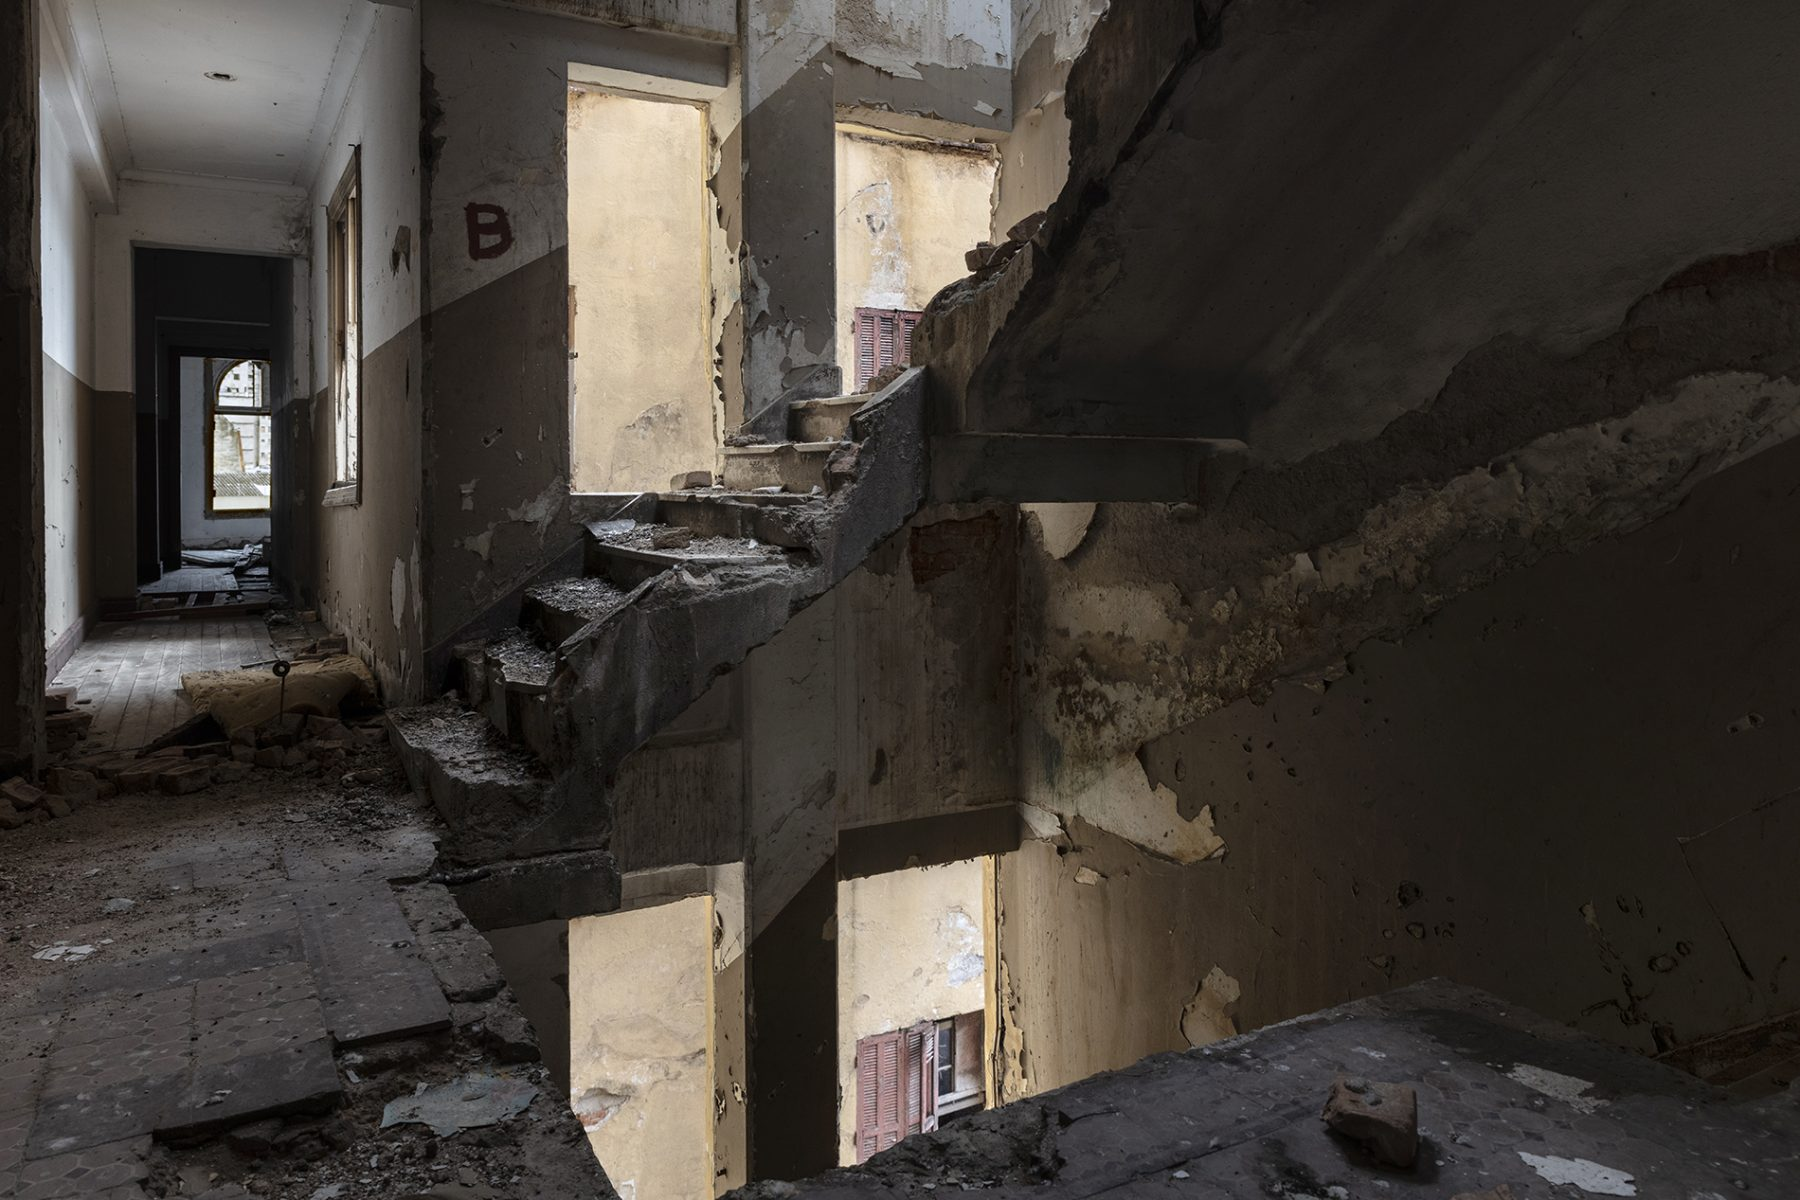 Fotografía en color de Gui Christ de su serie Fissura. Una casa en descomposición abandonada en São Paulo